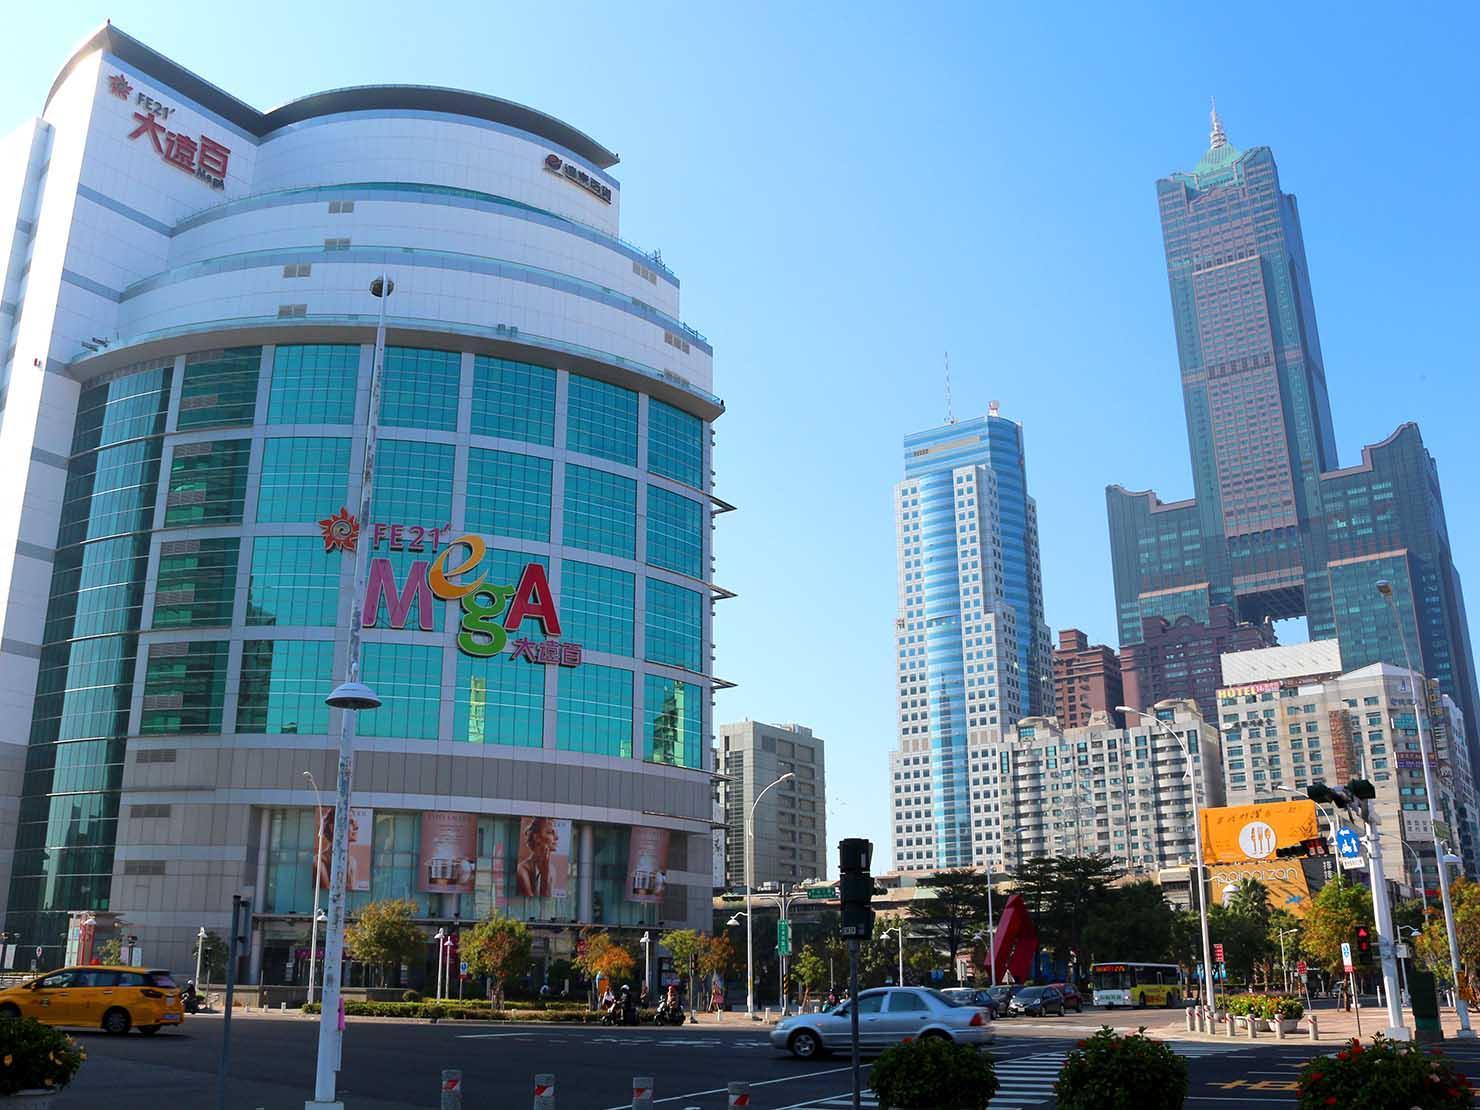 高雄のおすすめ観光スポット「三多商圈」駅前から眺める85大樓